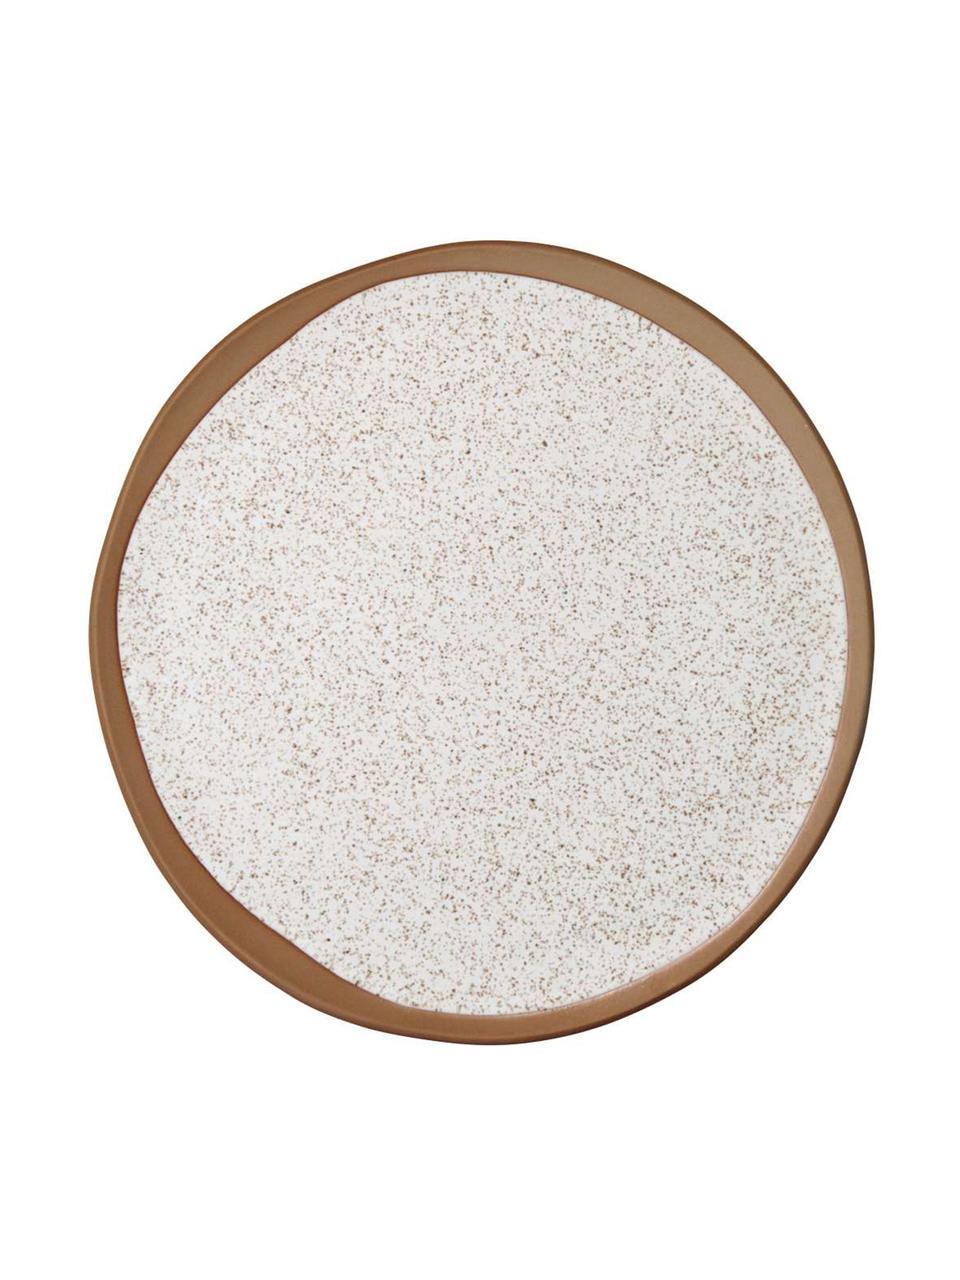 Talerz śniadaniowy Caja, 2 szt., Kamionka, Brązowy i odcienie beżowego, Ø 21 cm